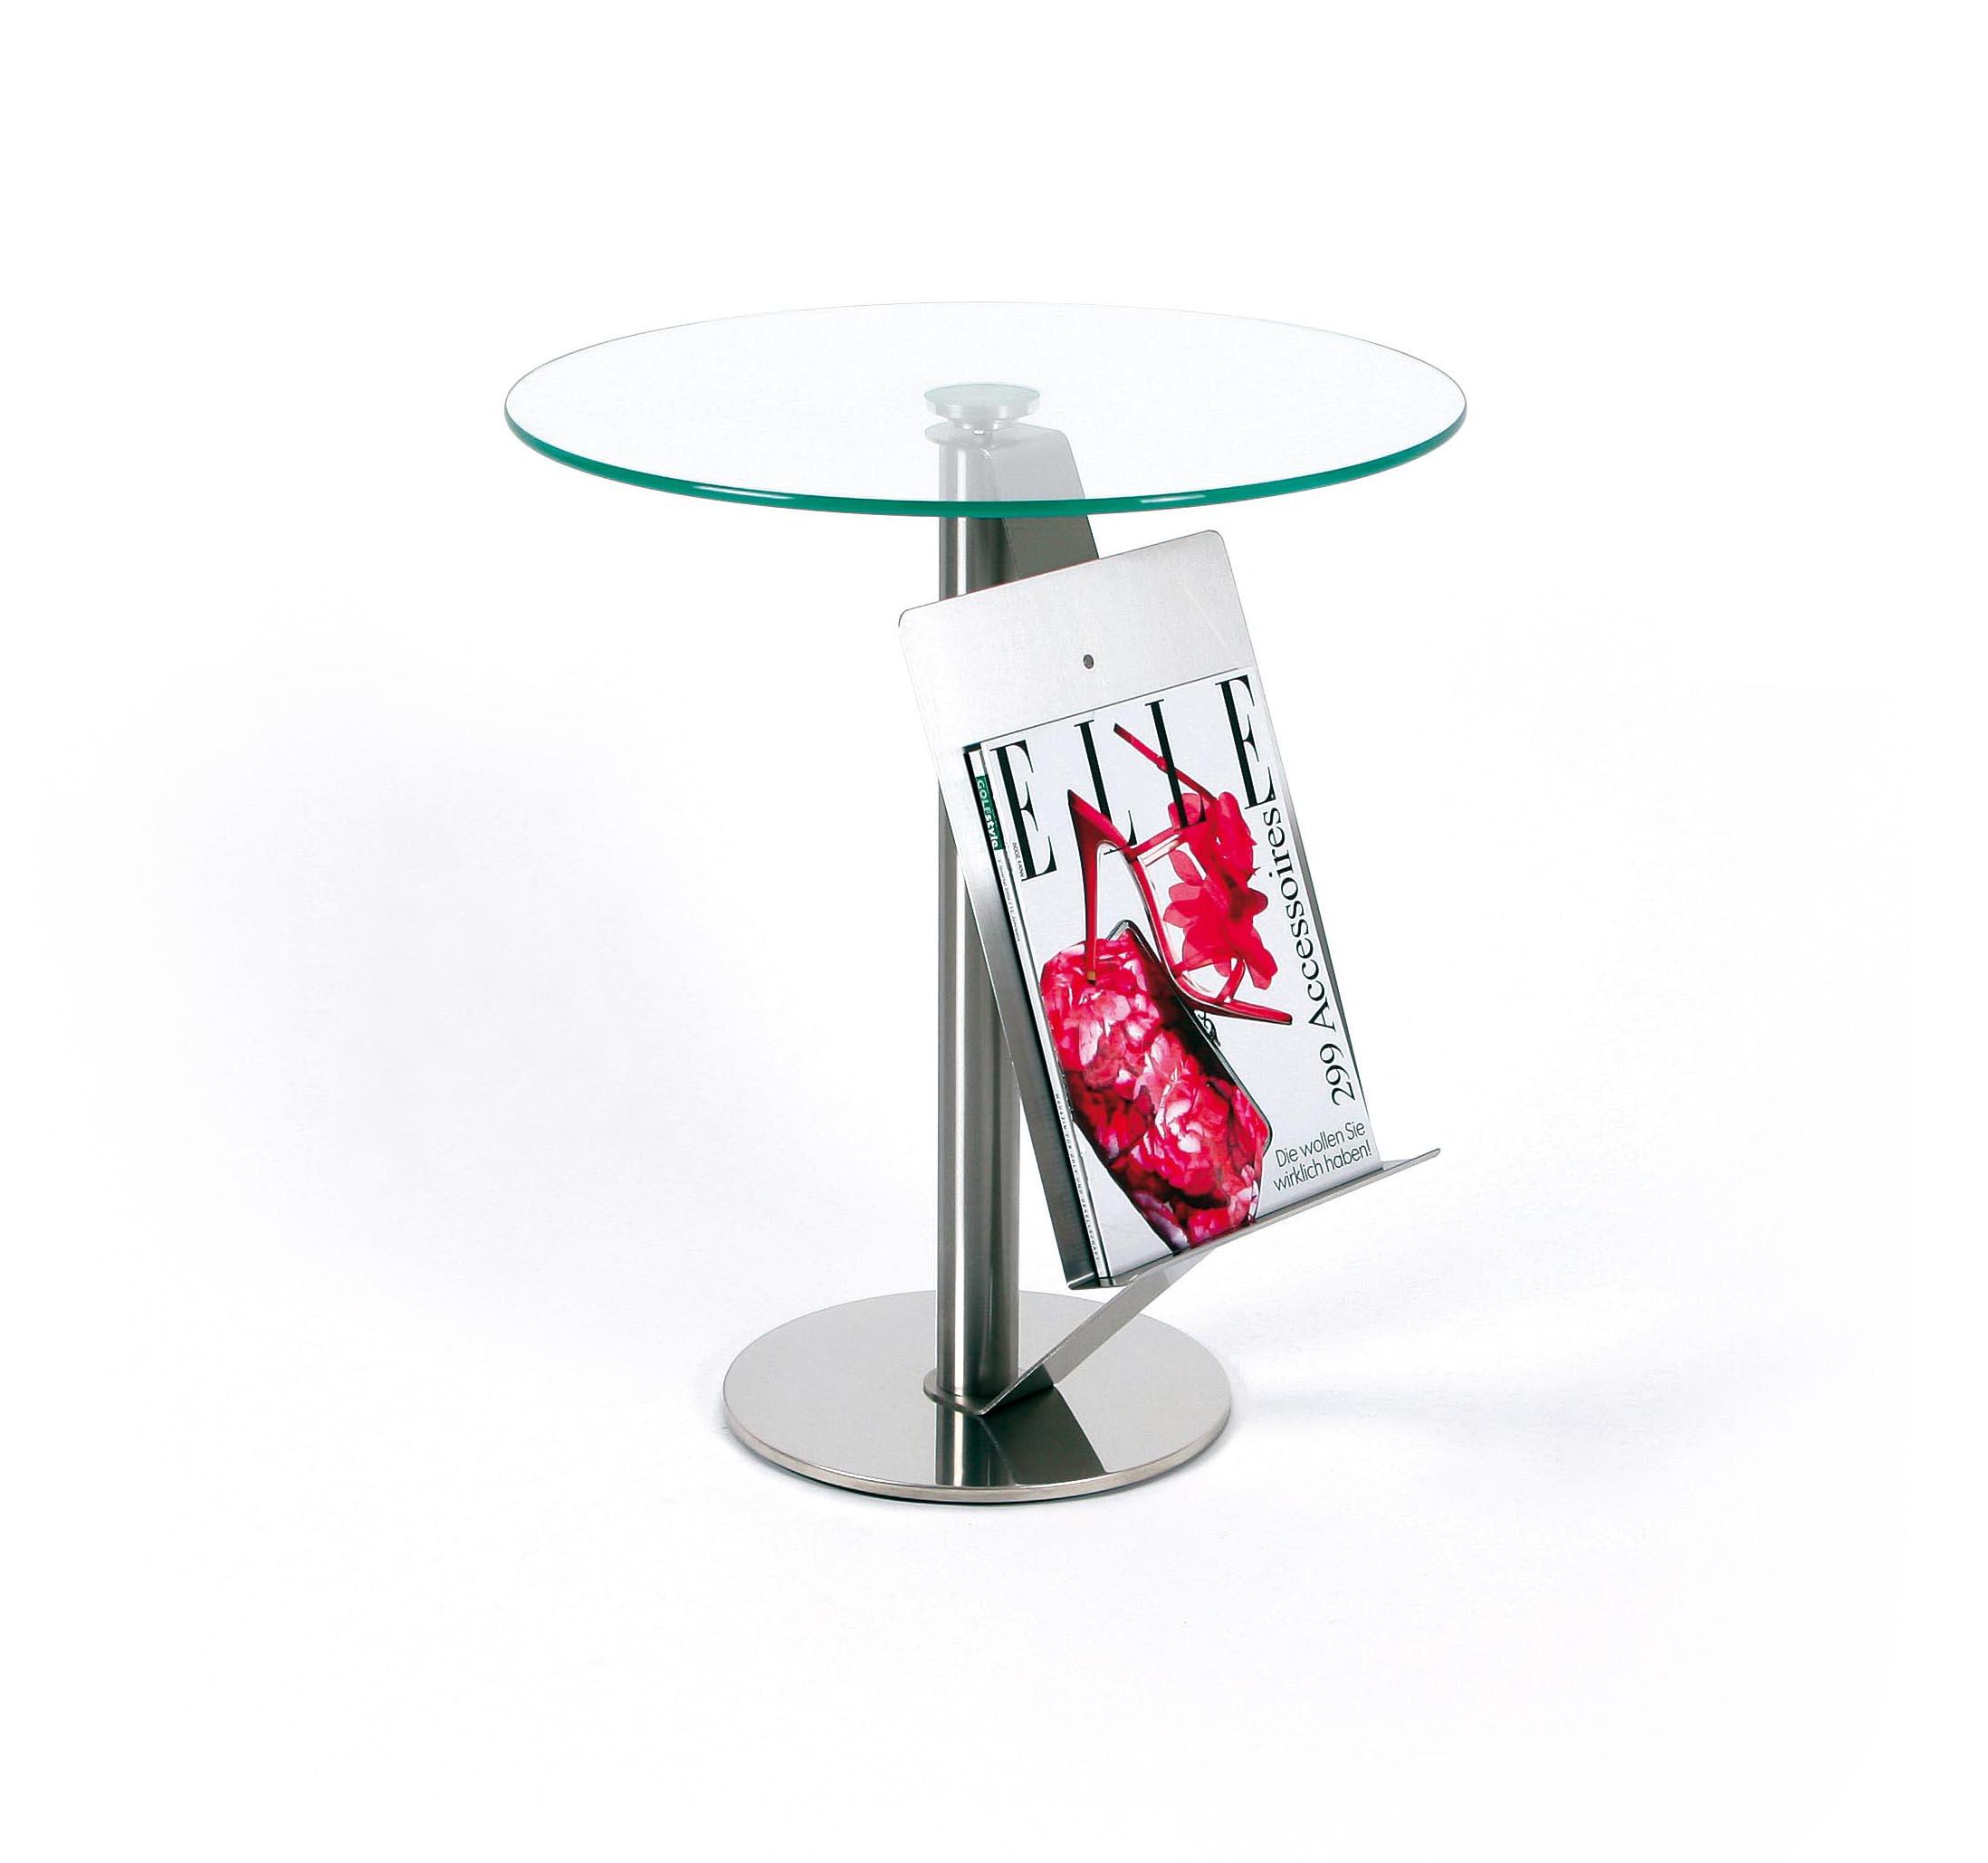 Glastisch mit Zeitungsablage - Runder Glastisch | Fintabo.de